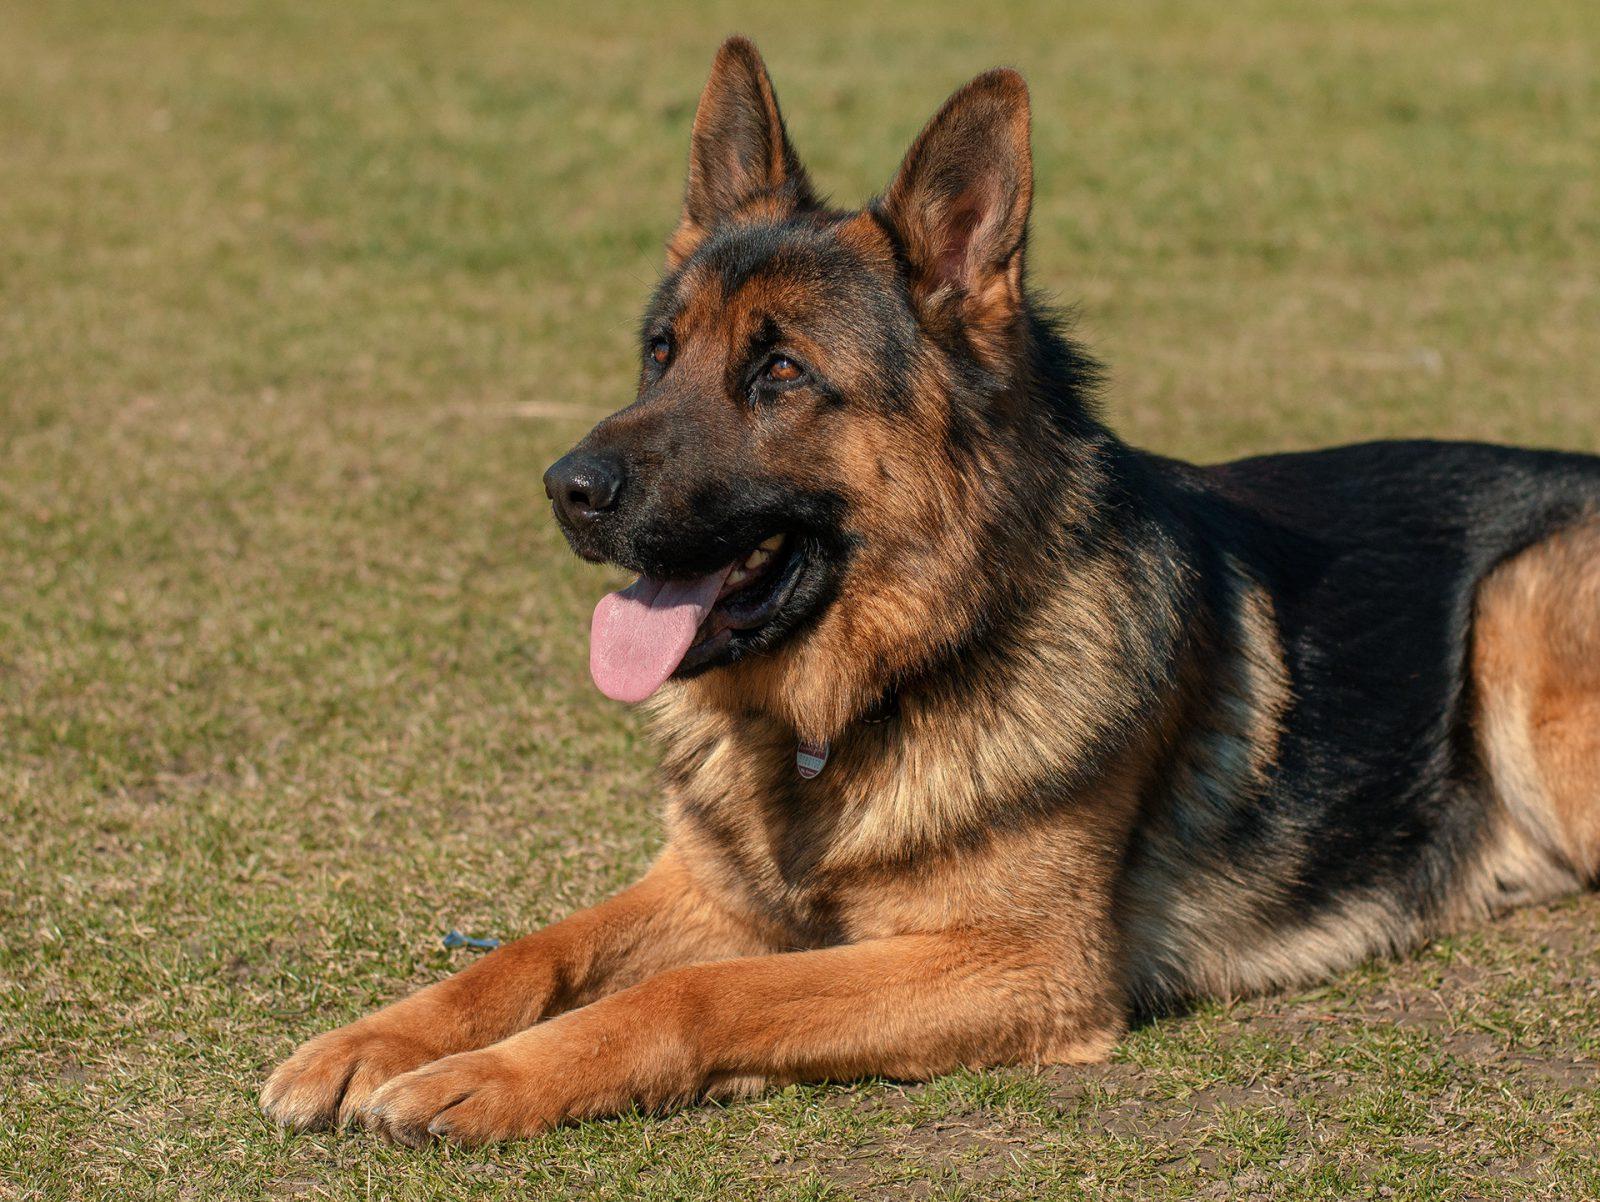 Cão guia: O Pastor alemão, além de excelente cão policial também é muito usado como cão guia e terapia.